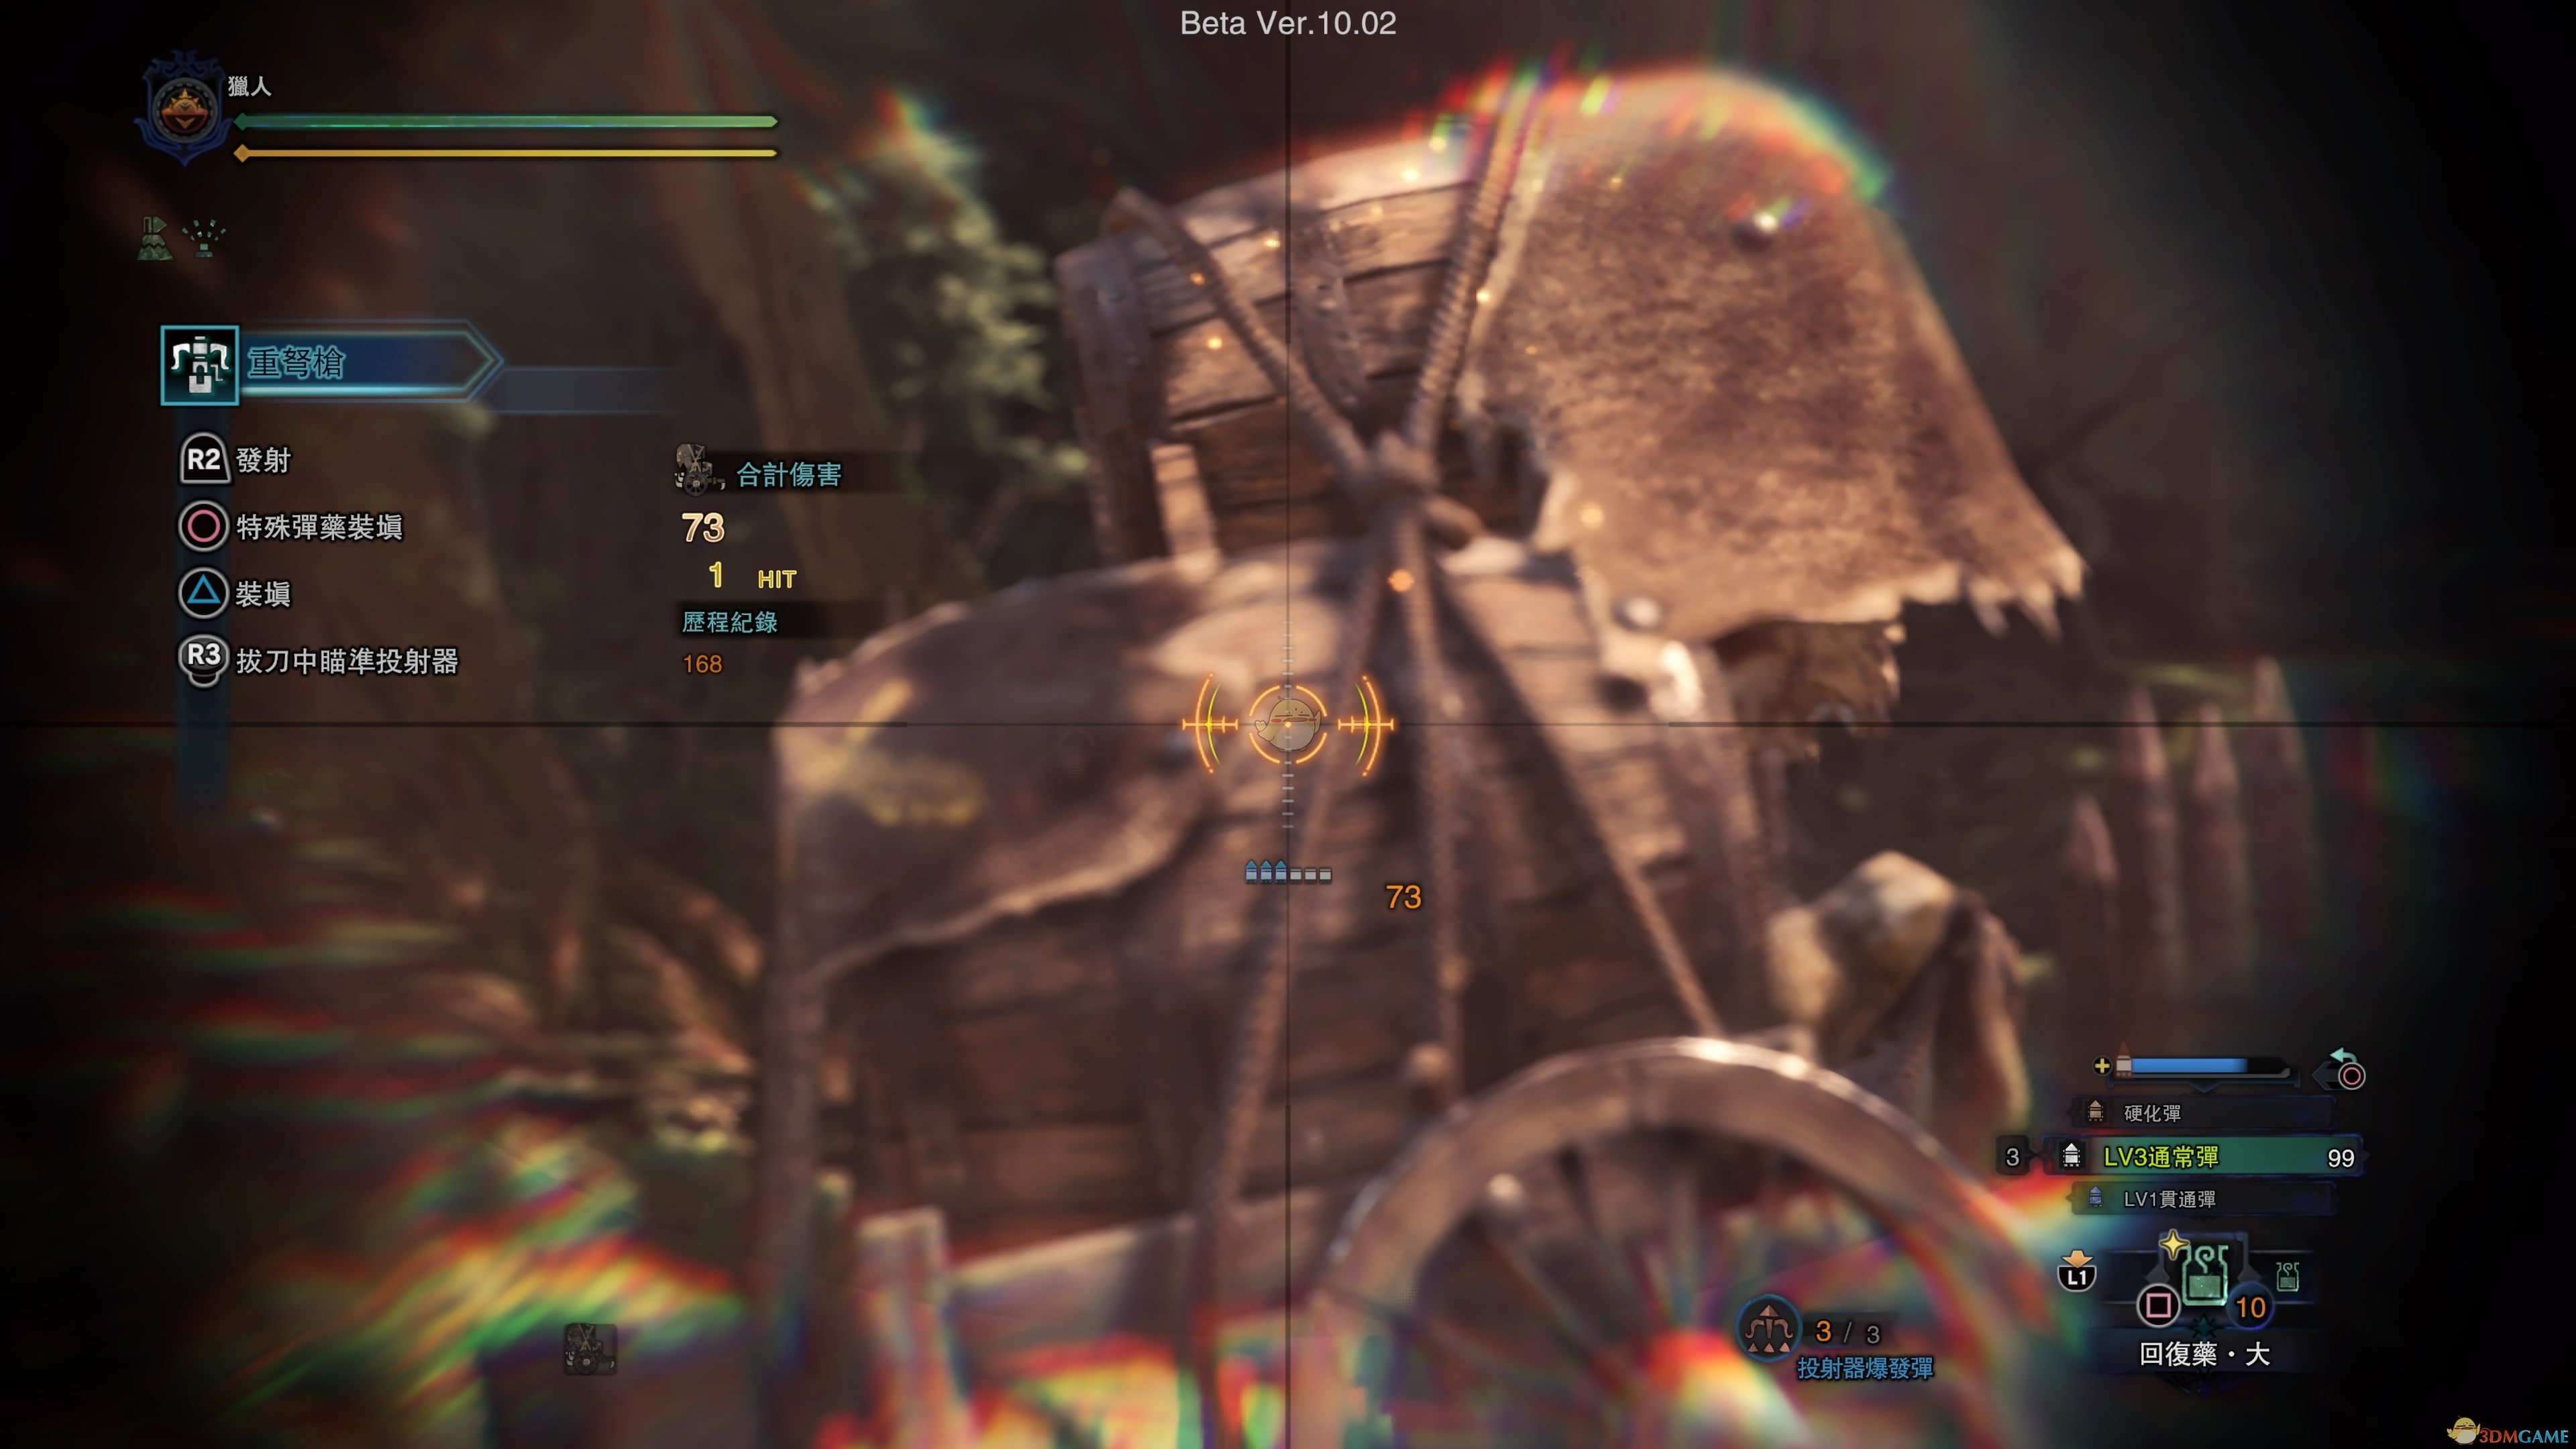 《怪物猎人:世界》重弩超级会心镜零件使用注意事项分享